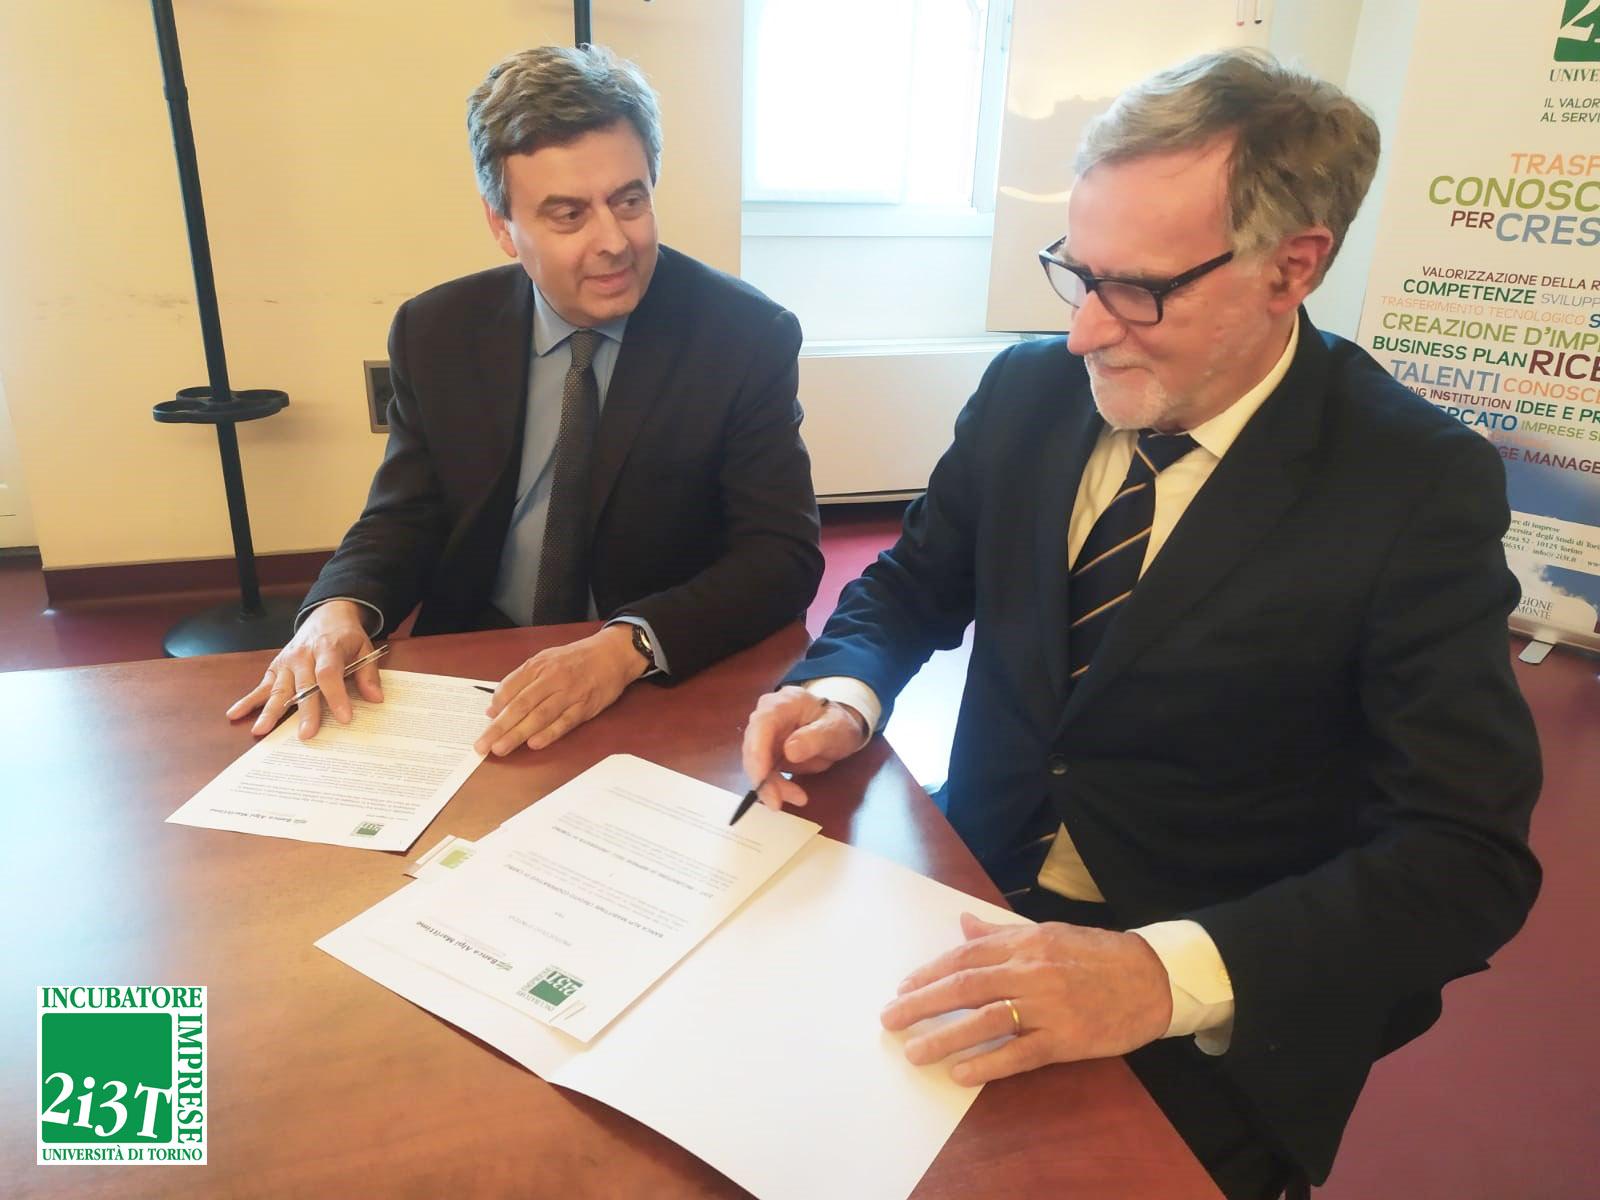 Il Presidente dell'Incubatore 2i3T Silvio Aime e il Presidente di Banca Alpi Marittime Giovanni Cappa firmano l'accordo .